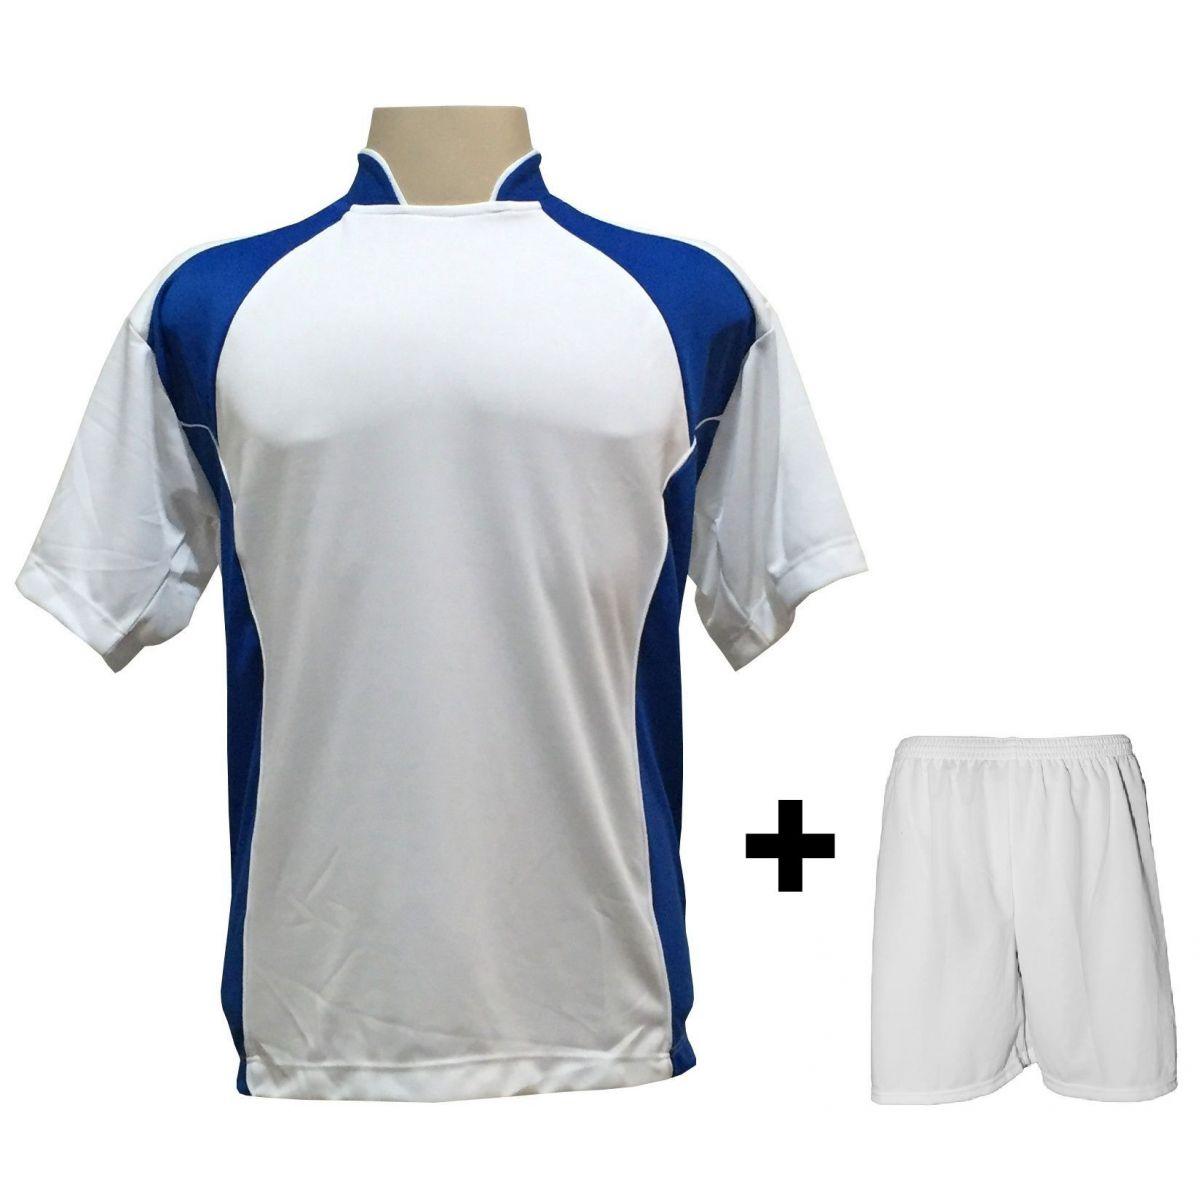 Uniforme Esportivo com 14 camisas modelo Suécia Branco/Royal + 14 calções modelo Madrid Branco + Brindes